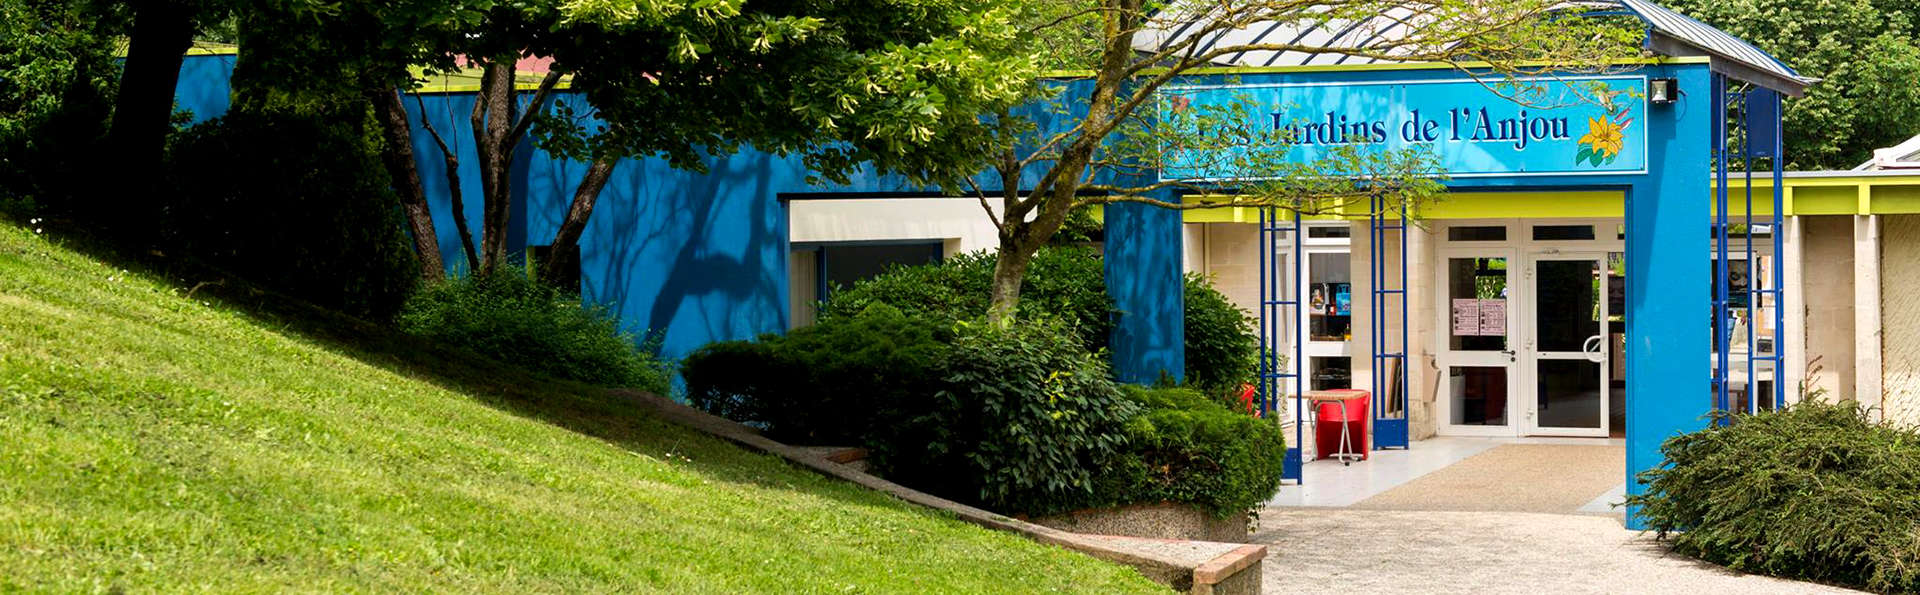 les jardins de l 39 anjou la pommeraye france. Black Bedroom Furniture Sets. Home Design Ideas